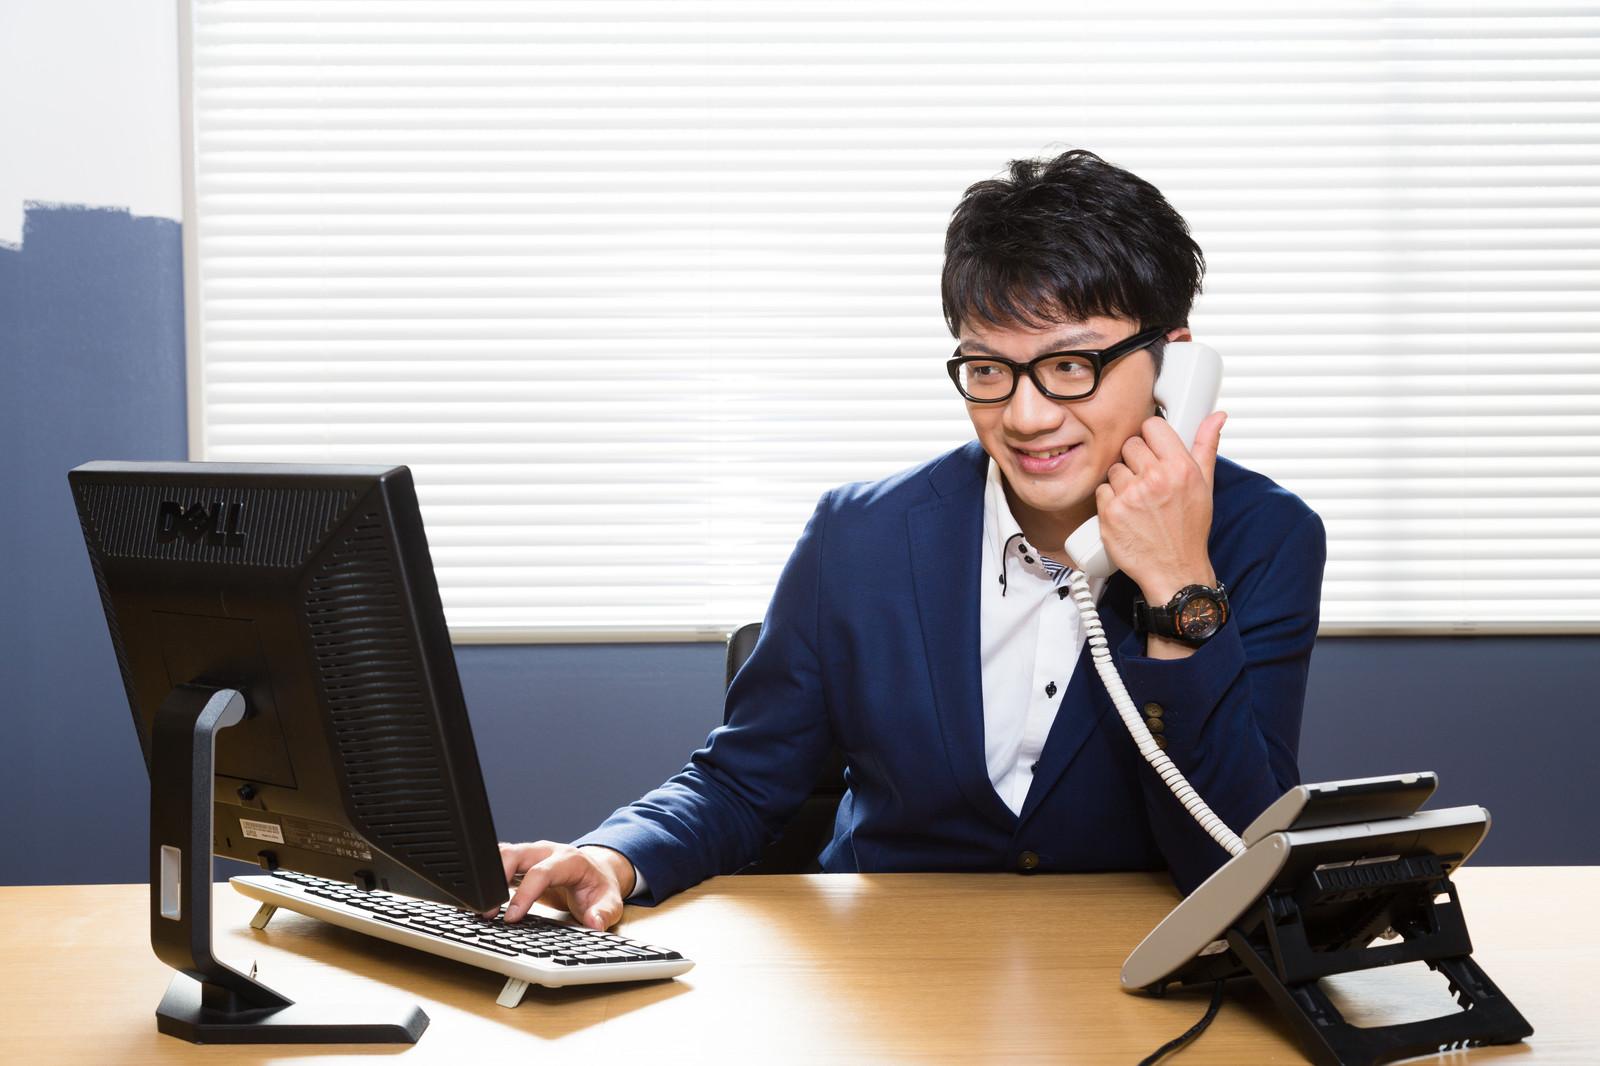 フレックスタイム制勤務ってどうなの?出勤時間やコアタイムの概要、実際に経験してみた感想